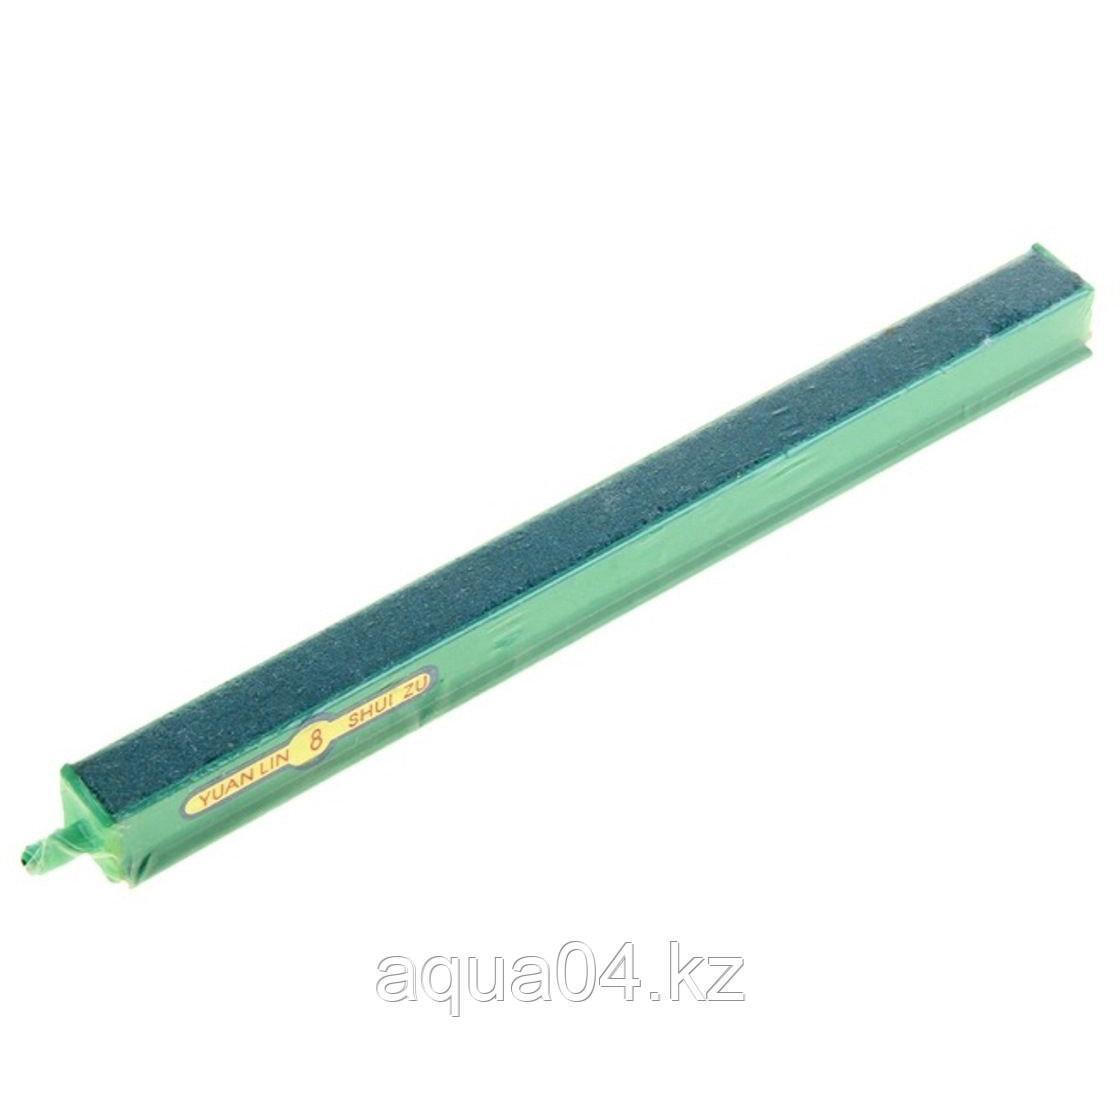 ALEAS Распылитель в пластиковой основе 50 см